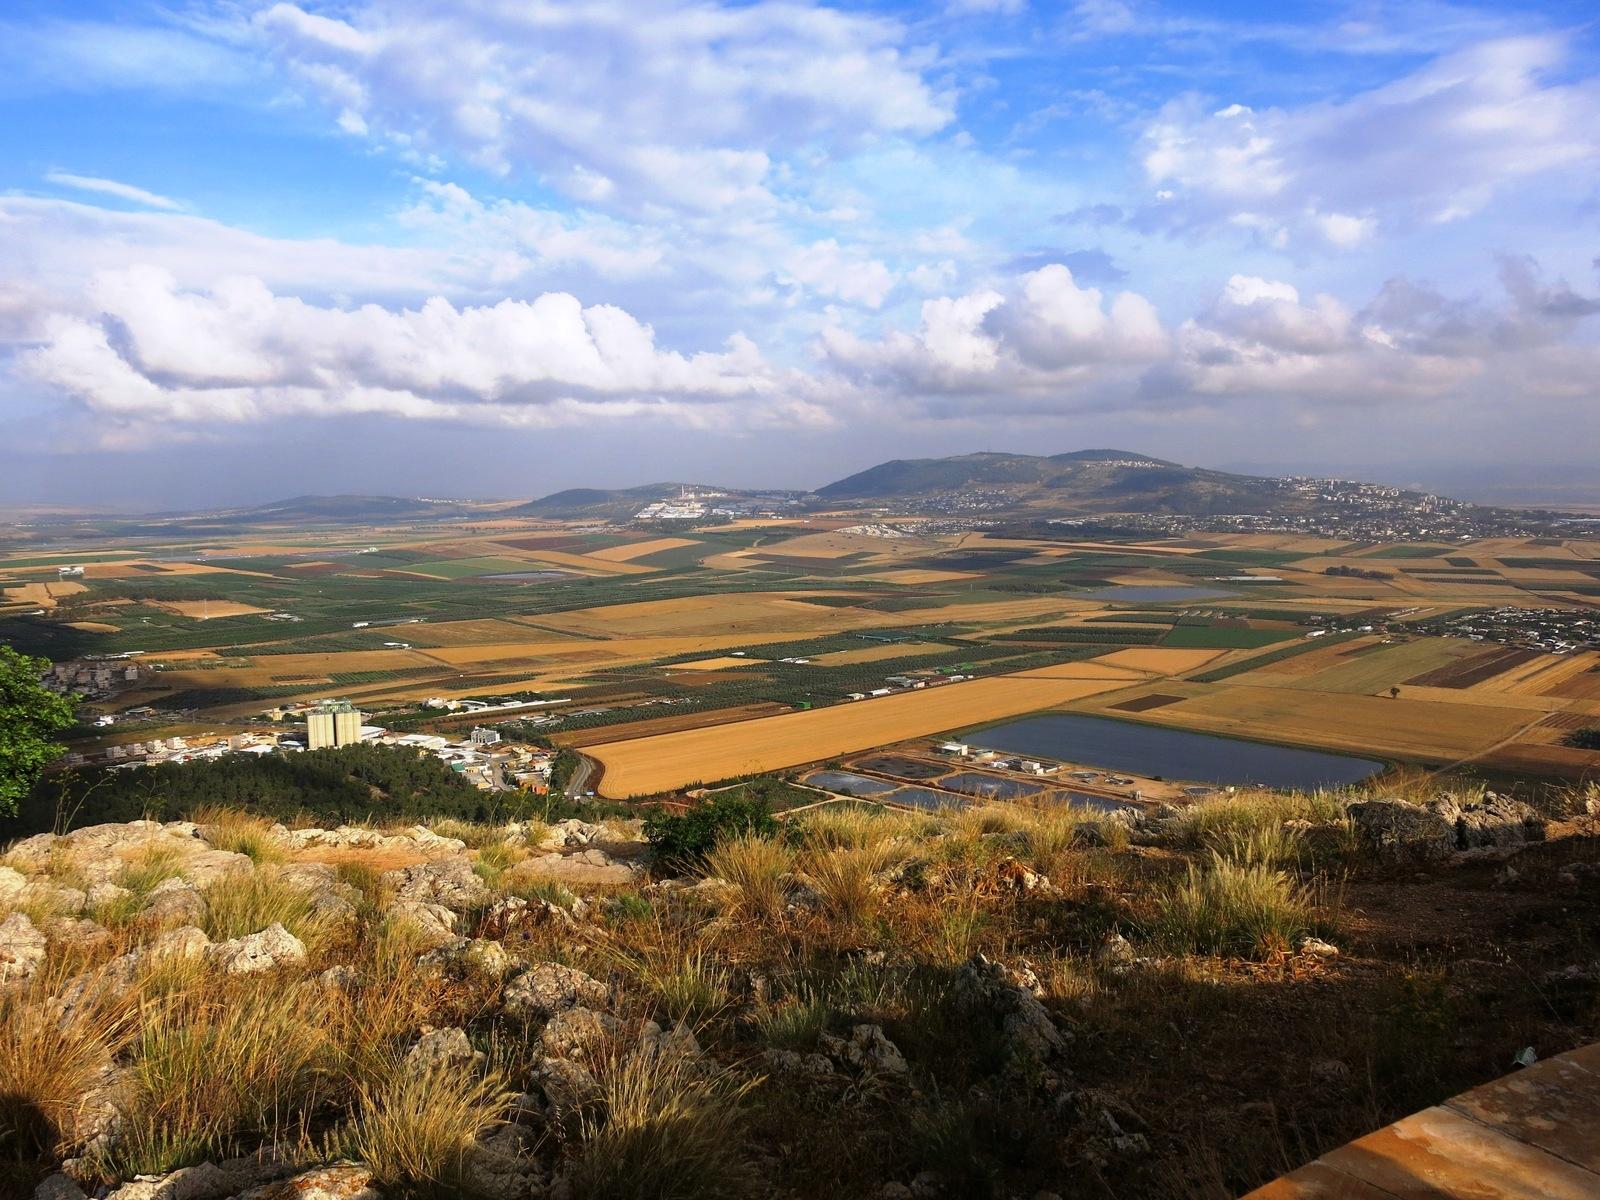 terre sainte israel monuments et lieux campagne